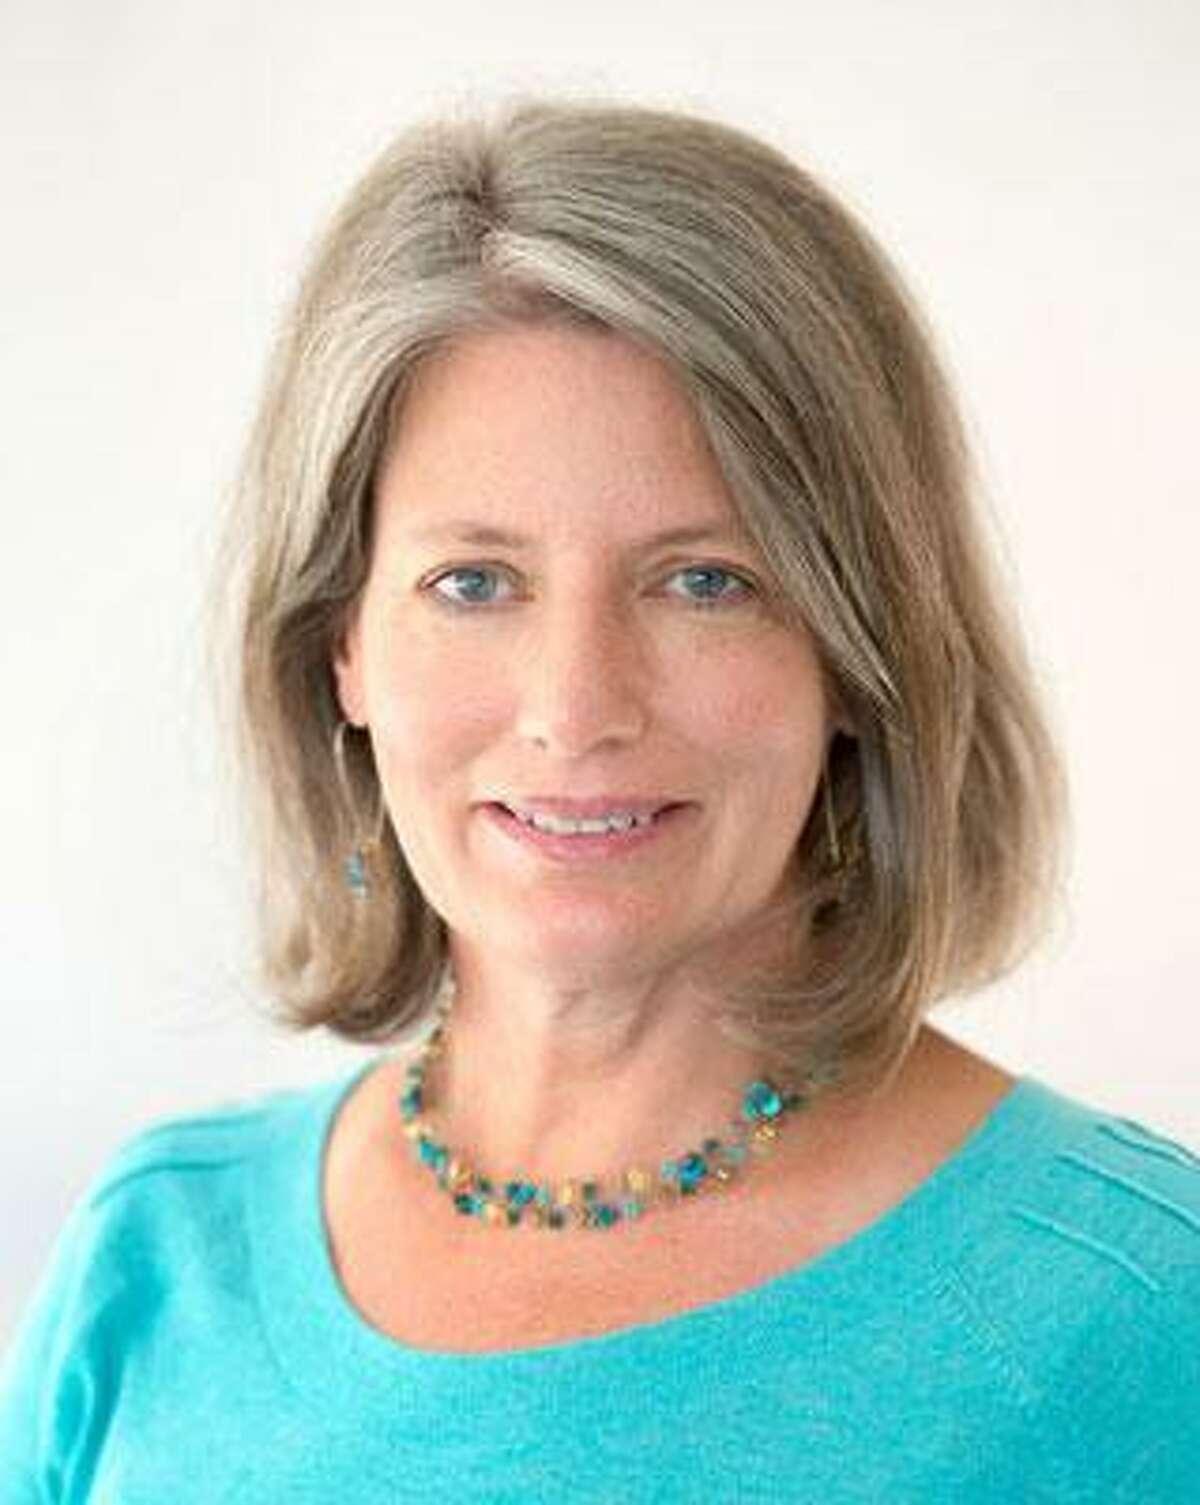 Colleen Fawcett